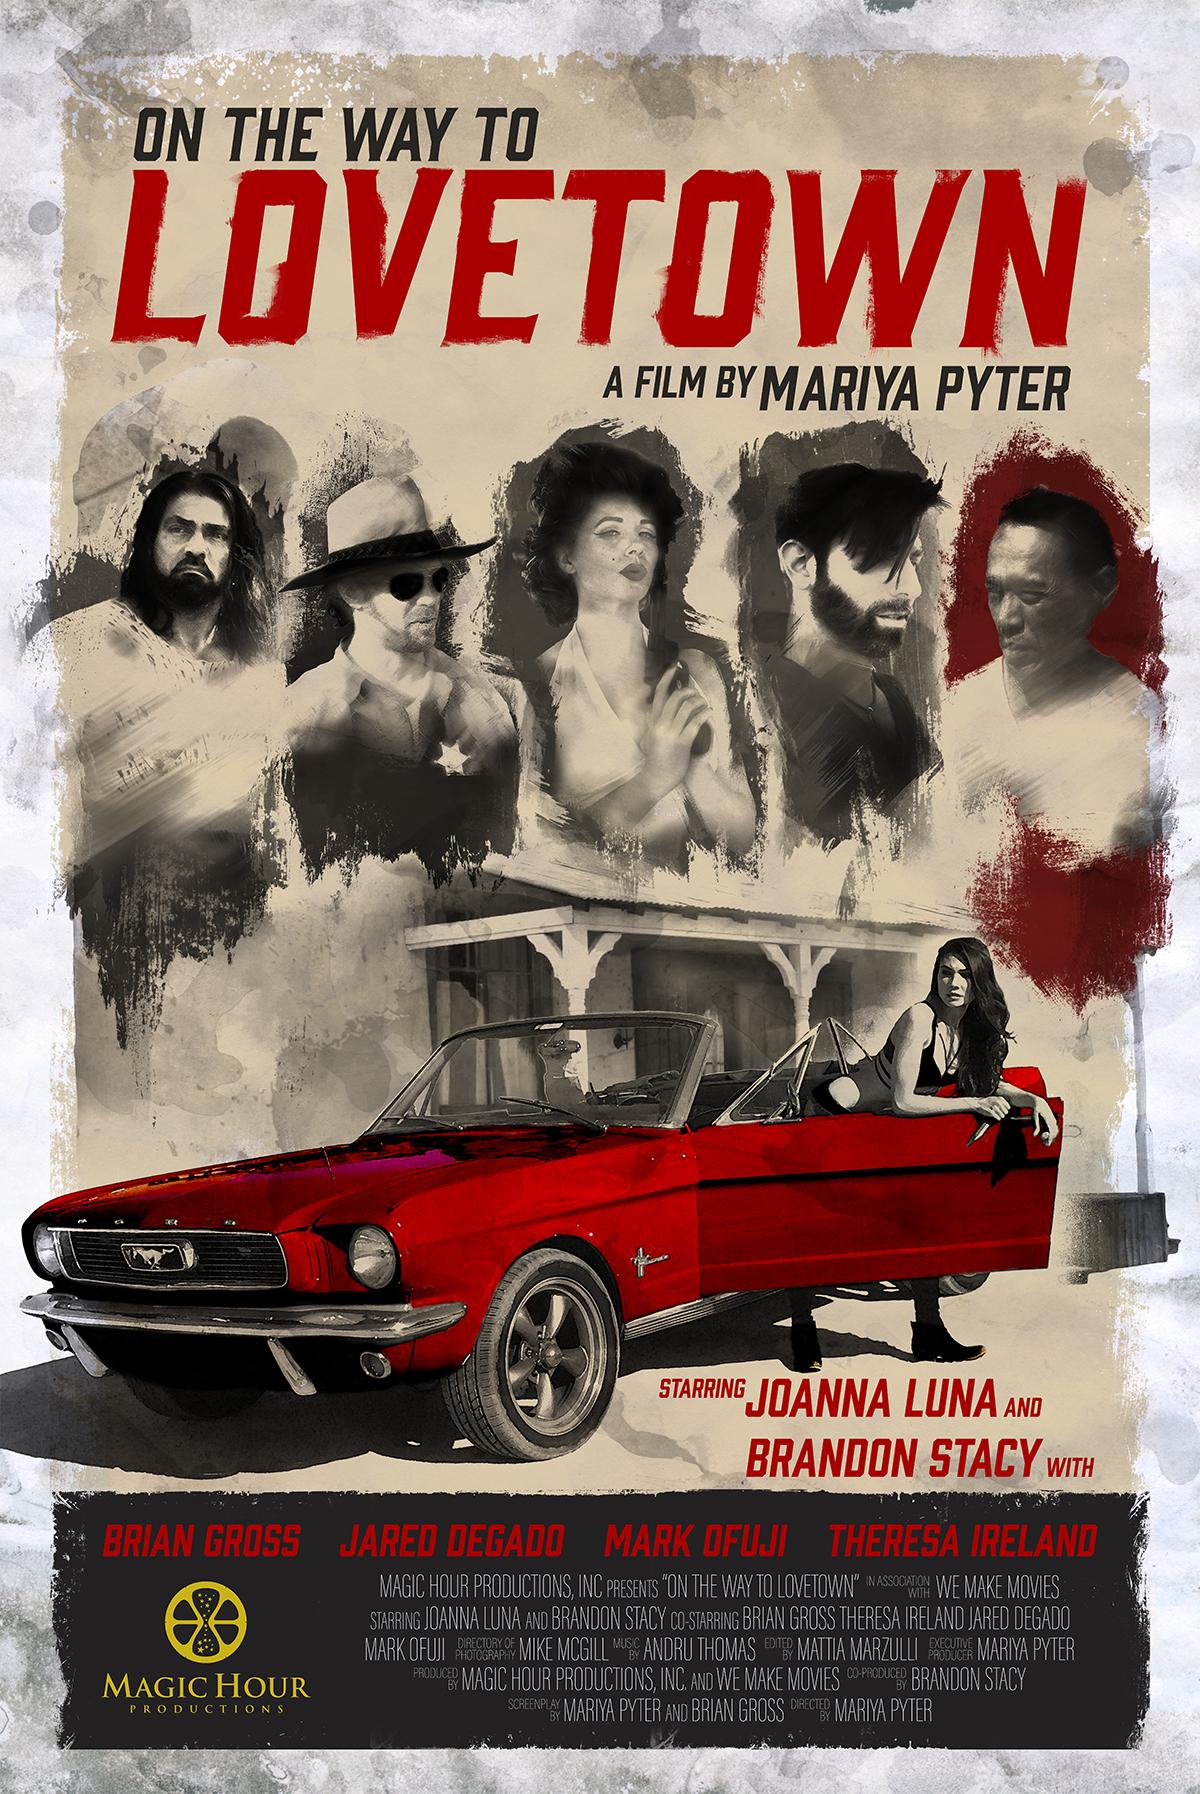 1_lovetown-poster-1199x1799.jpg